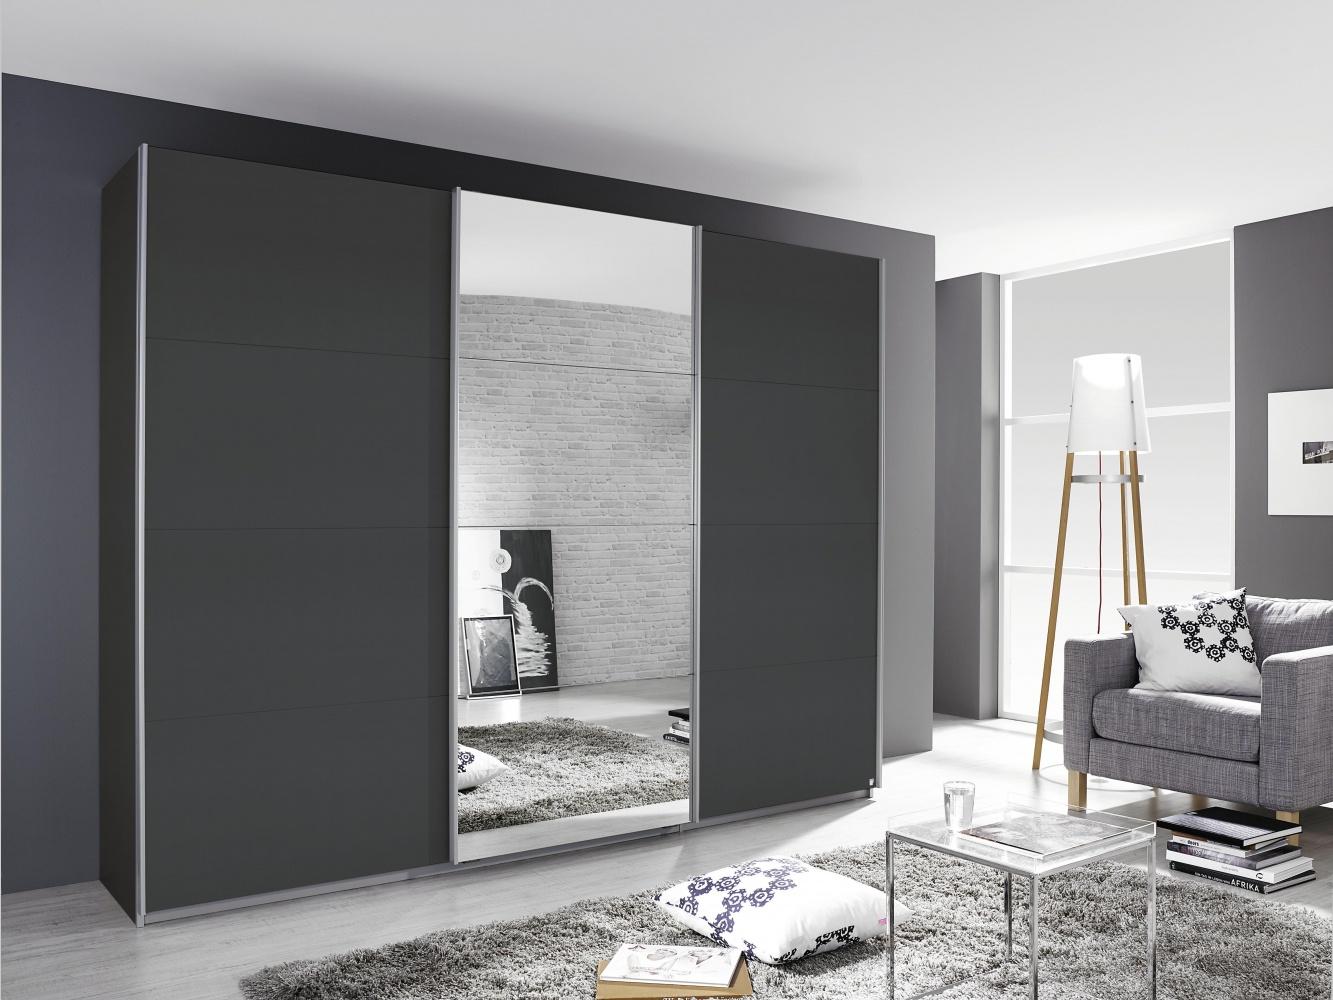 Schrank Grau Kulmbach Mit Spiegel 271x229x62 Kaufen Bei Mobel Lux